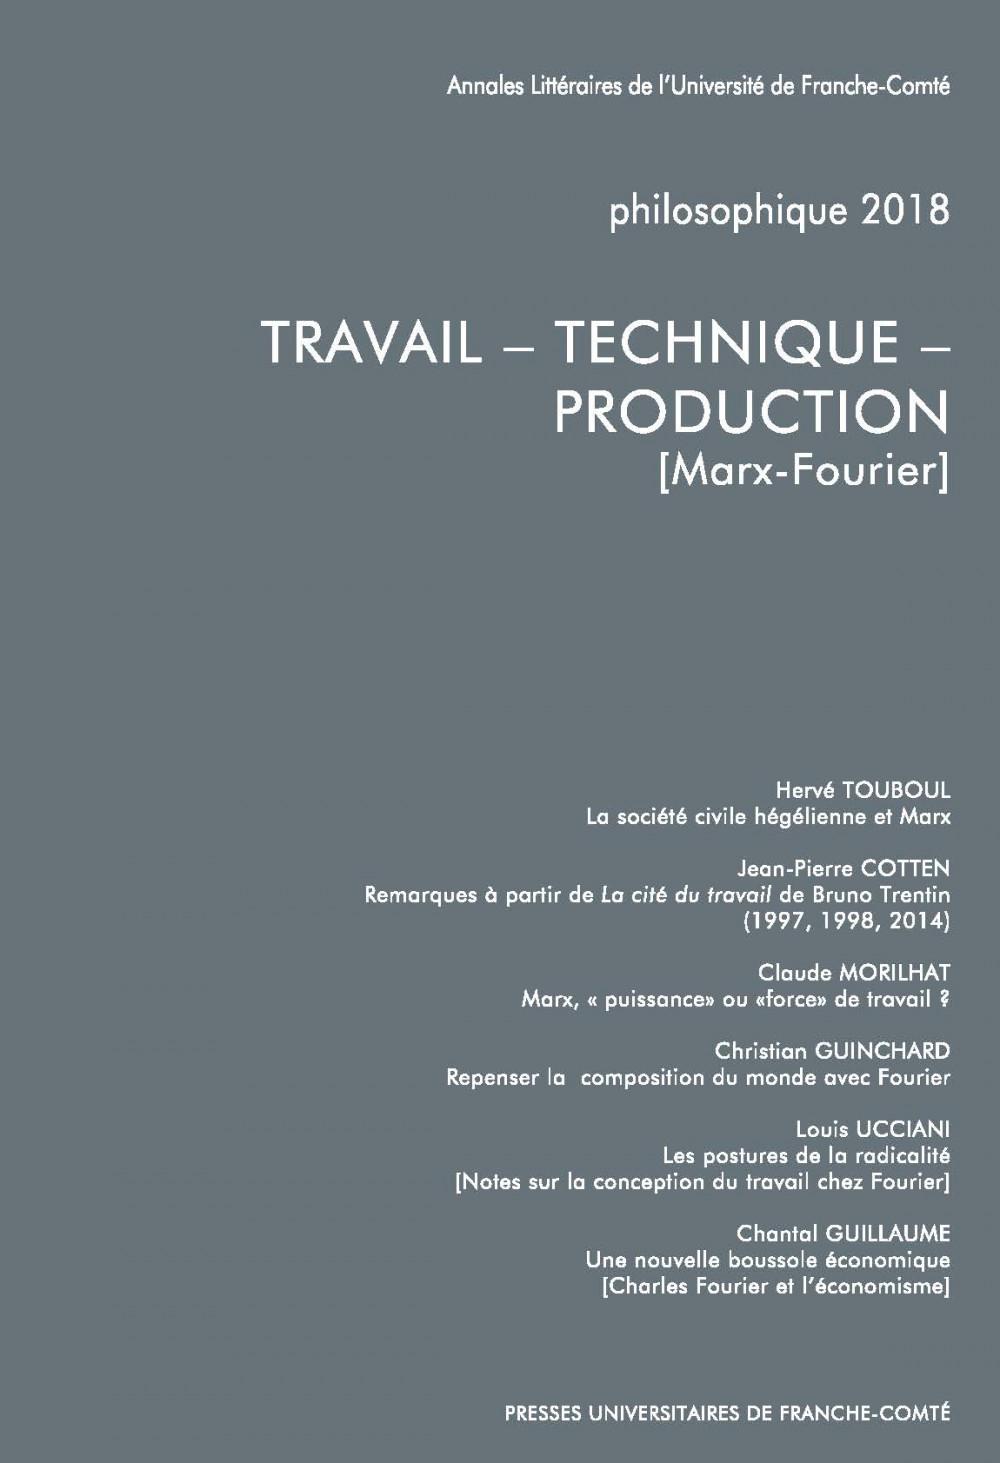 Philosophique 2018 : TRAVAIL – TECHNIQUE – PRODUCTION